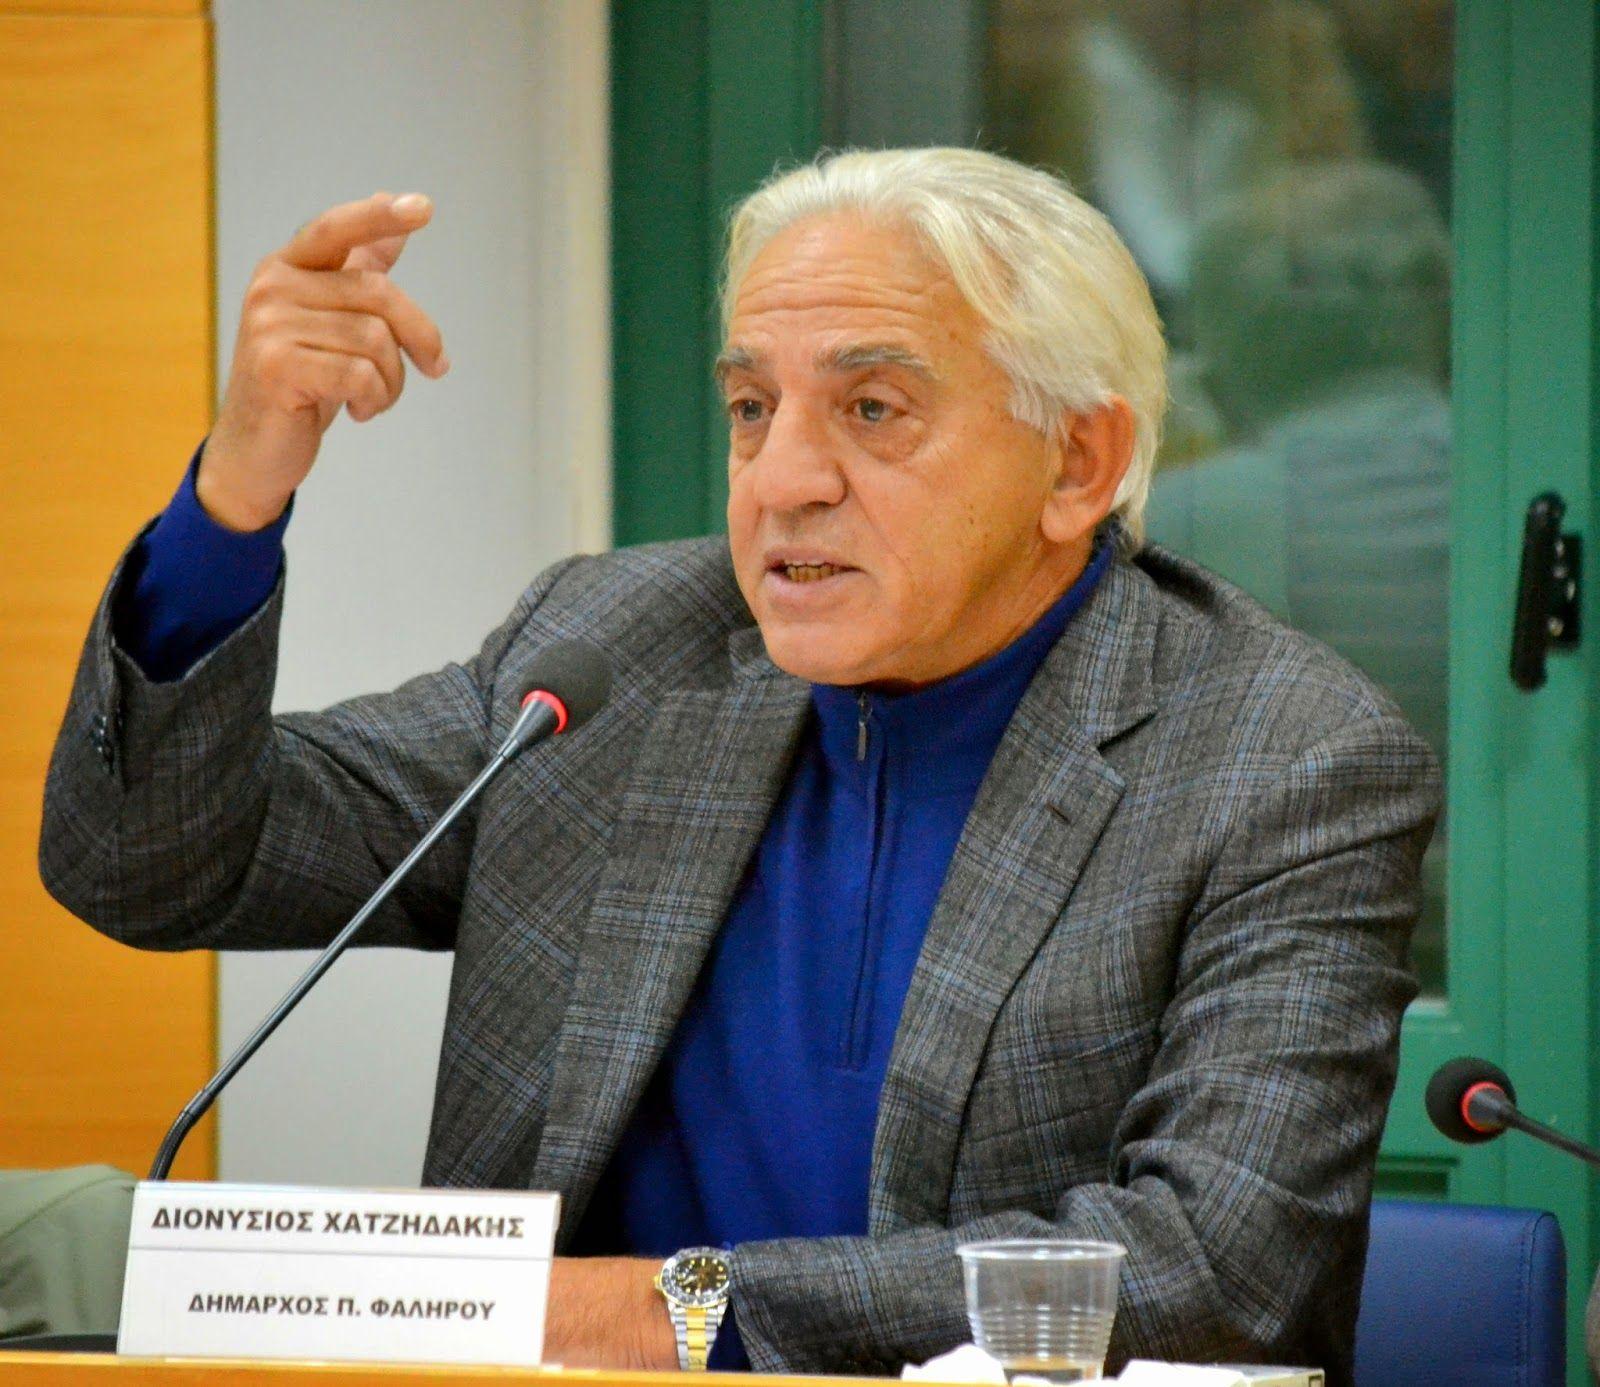 Η δήλωση του Διονύση Χατζηδάκη σχετικά με την υποψηφιότητά του ως βουλευτής